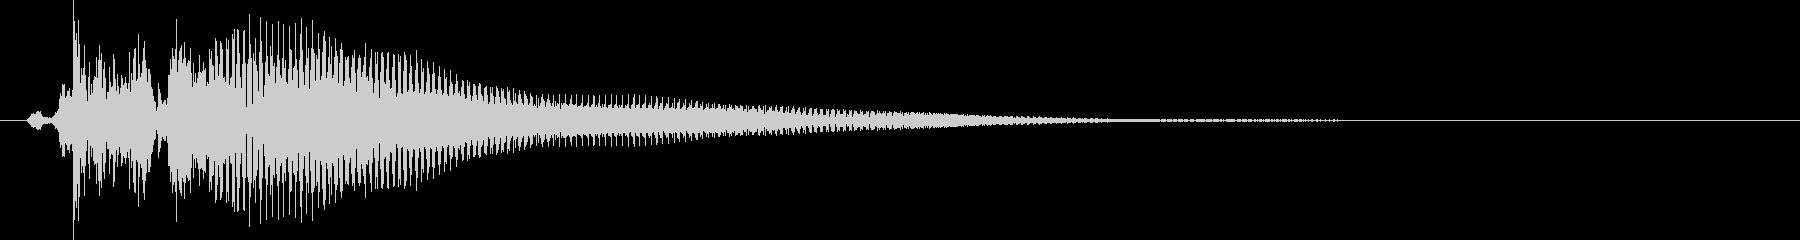 三味線で「ベベン」の未再生の波形